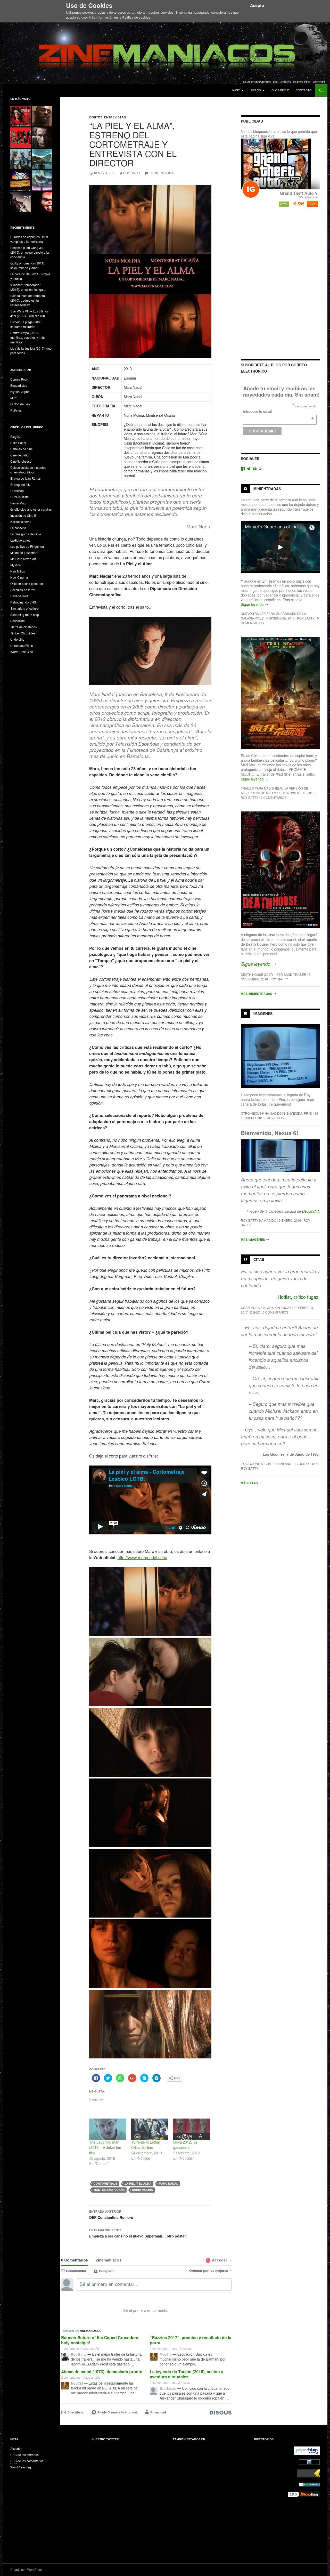 """Entrevista de Zinemaniacos a Marc Nadal por """"La piel y el alma""""."""